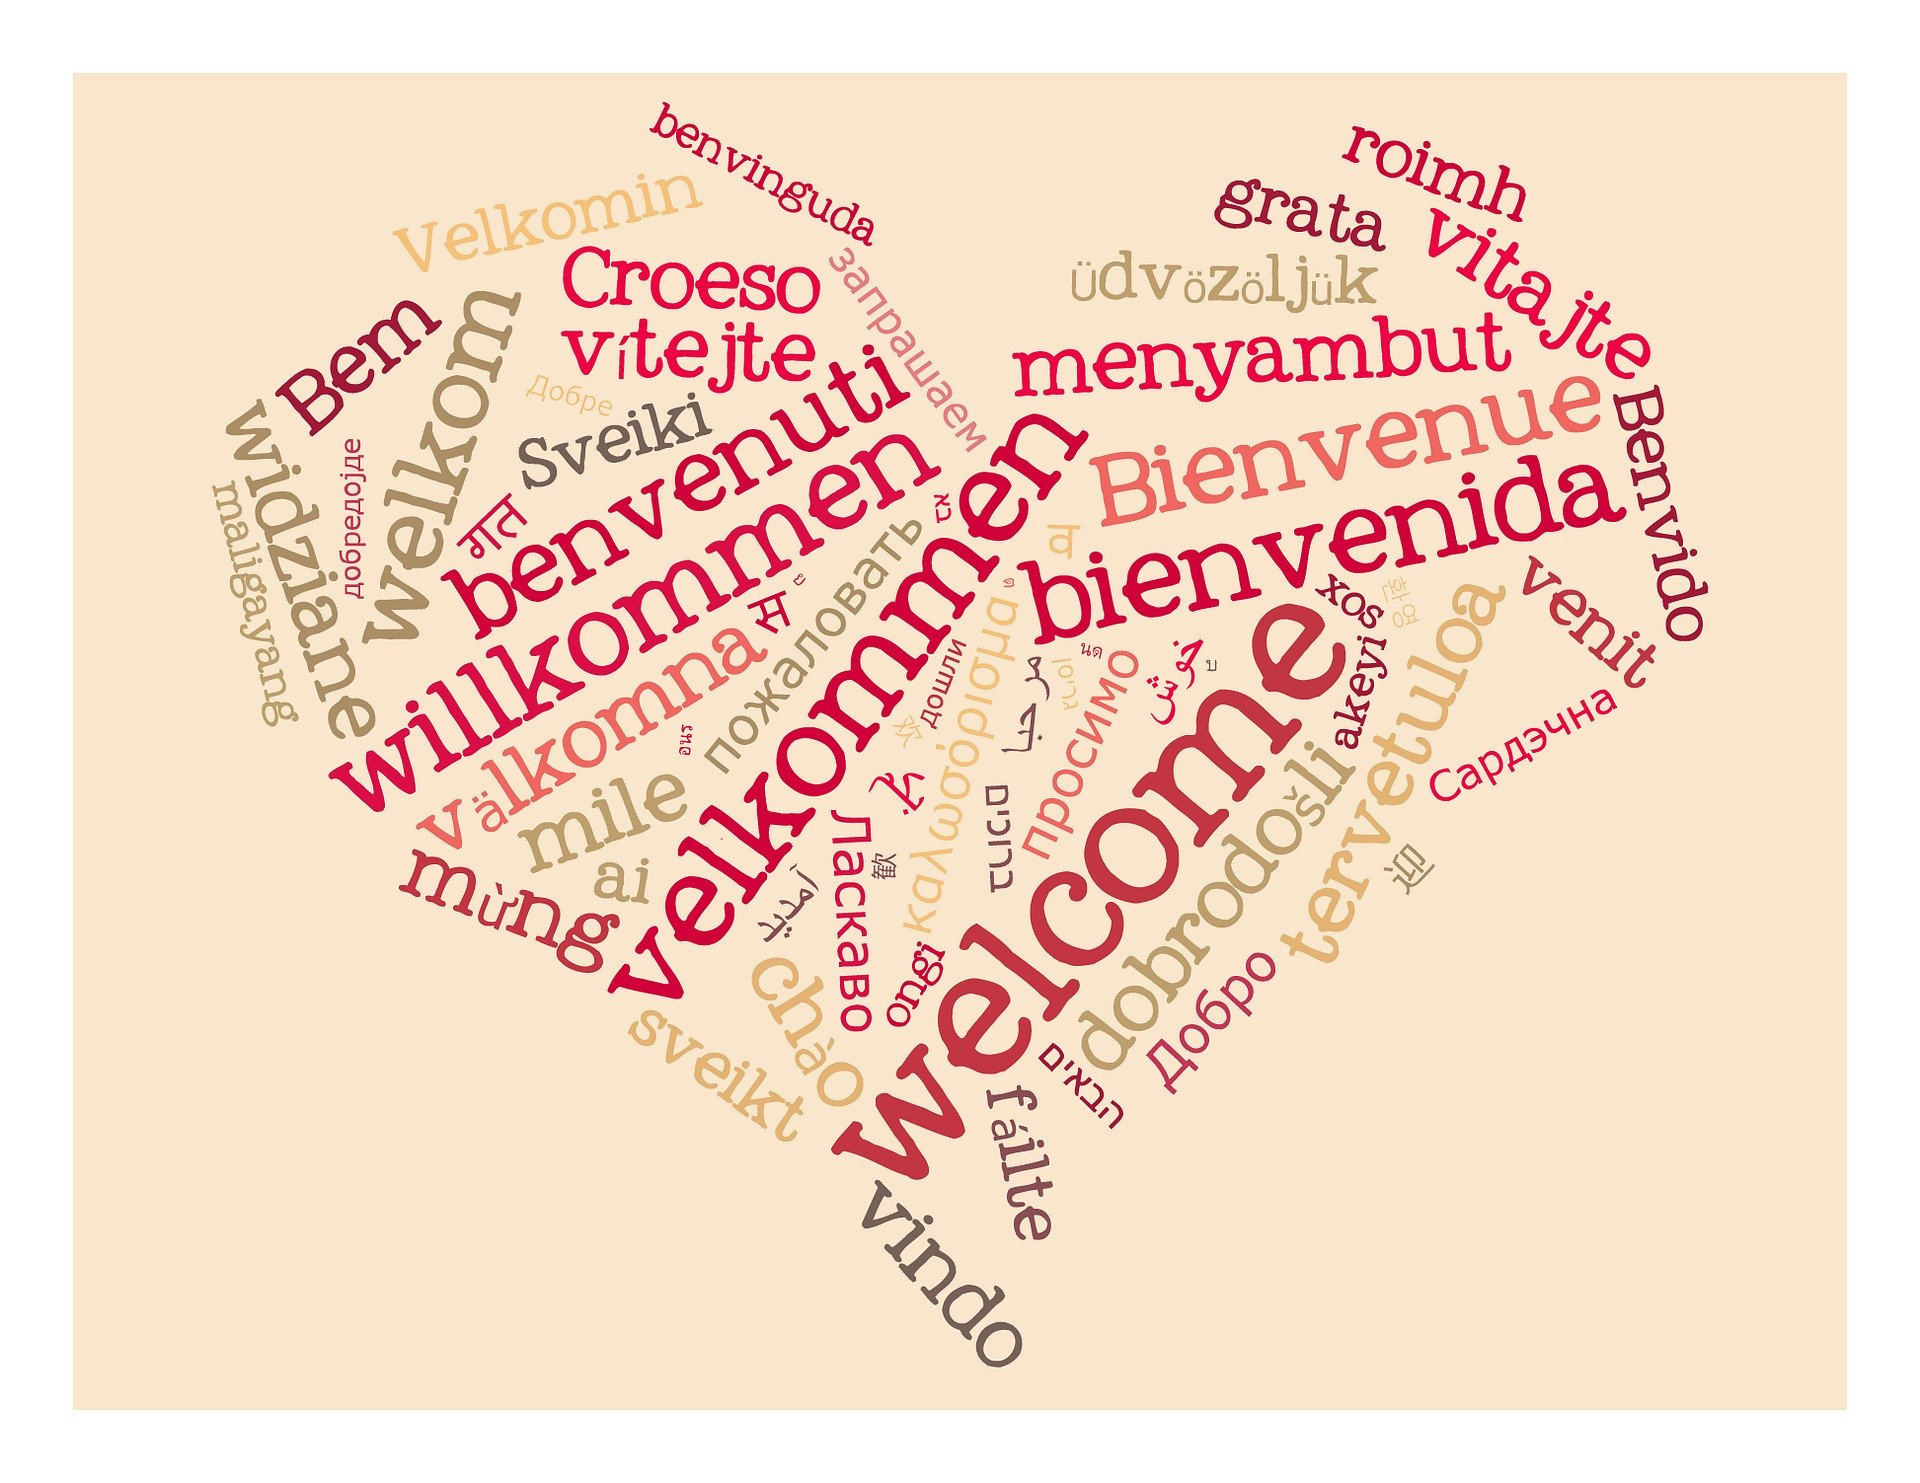 Integreer taal dankzij dagelijkse communicatie